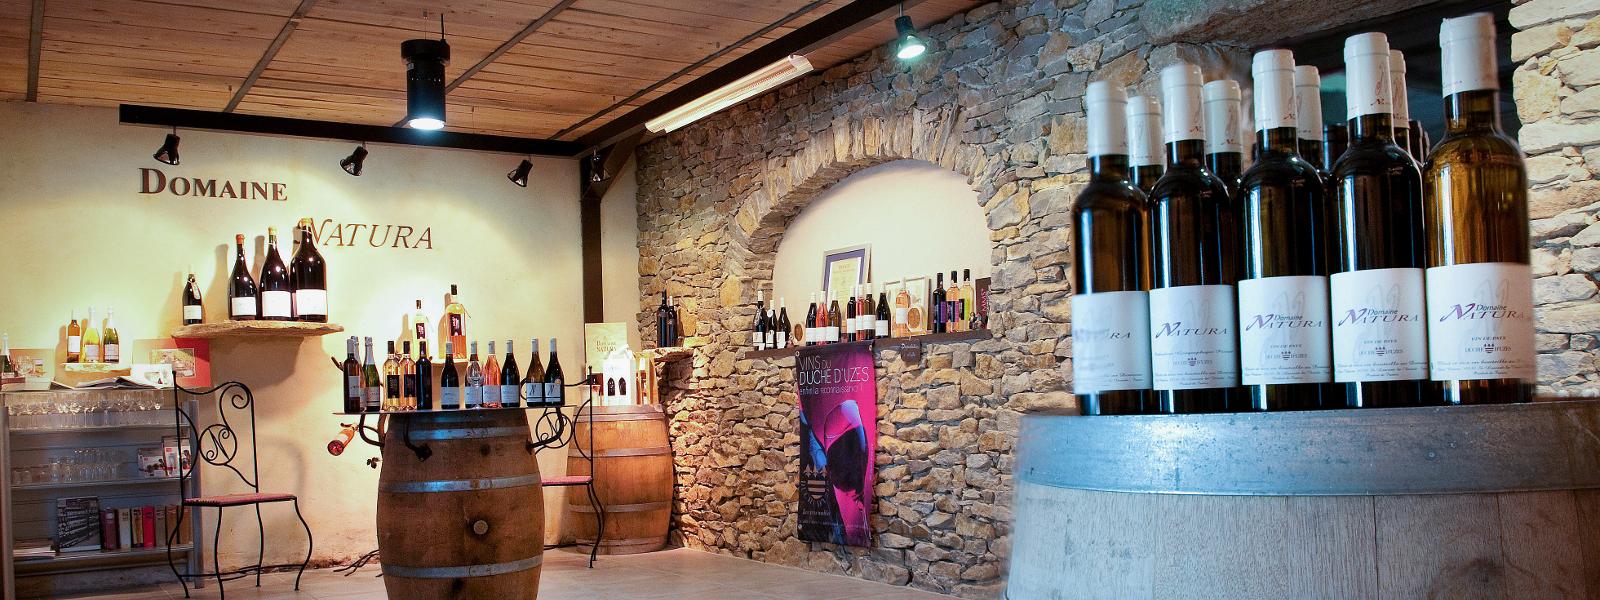 Le meilleur des vins avec vinprimeur.fr